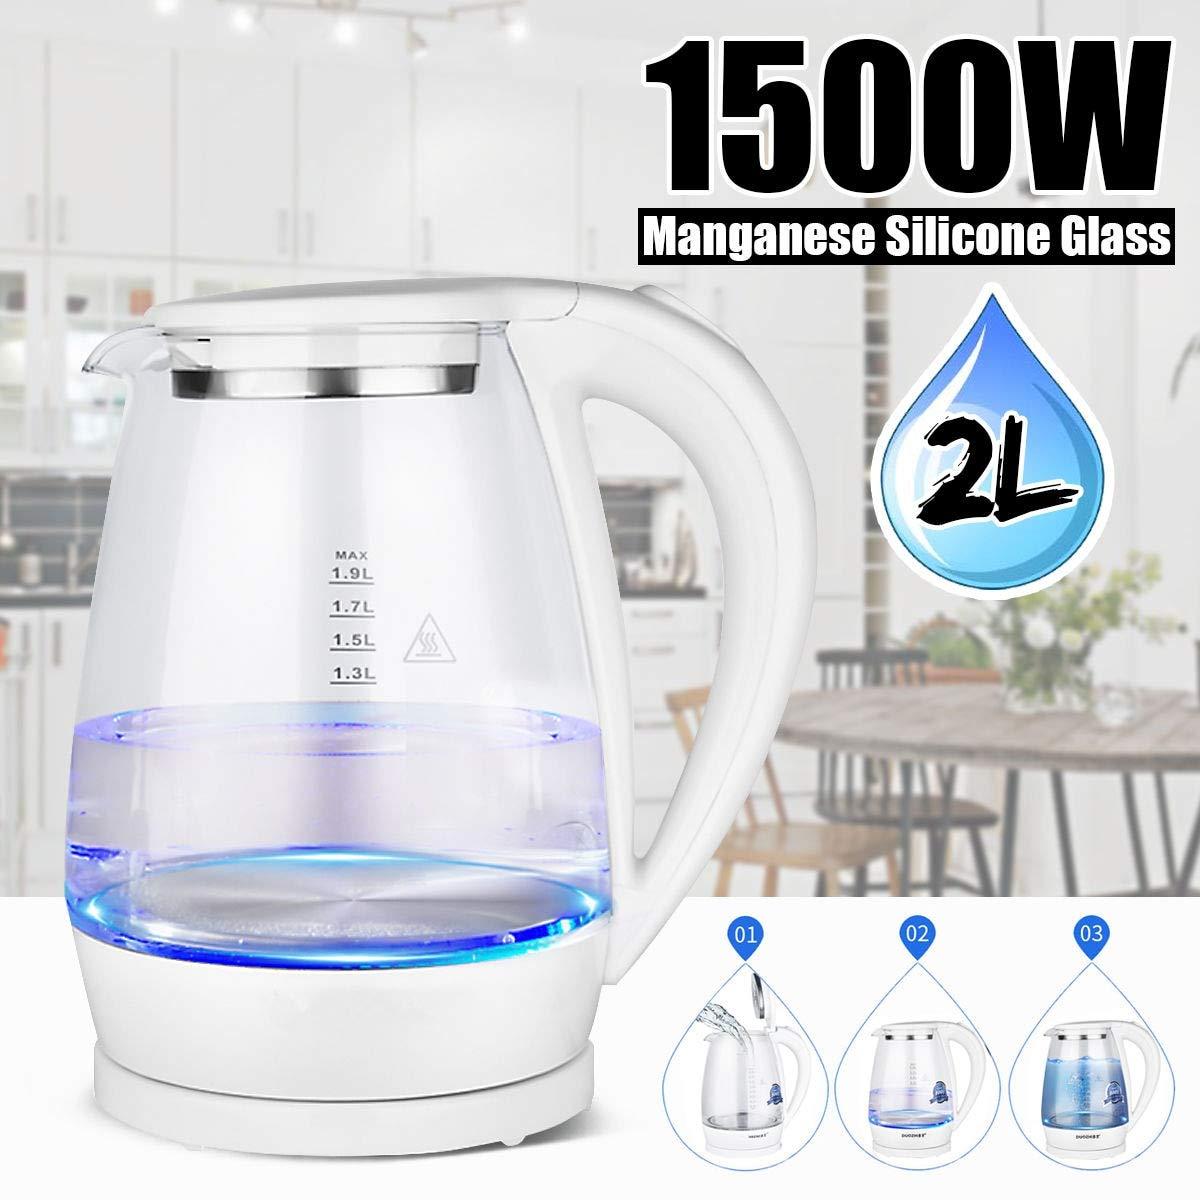 Acquisto 2L 1500W LED blu elettrico portatile di illuminazione di acqua calda per tè e caffè Bollitore di vetro rapido riscaldatore pentola 220V Prezzi offerte